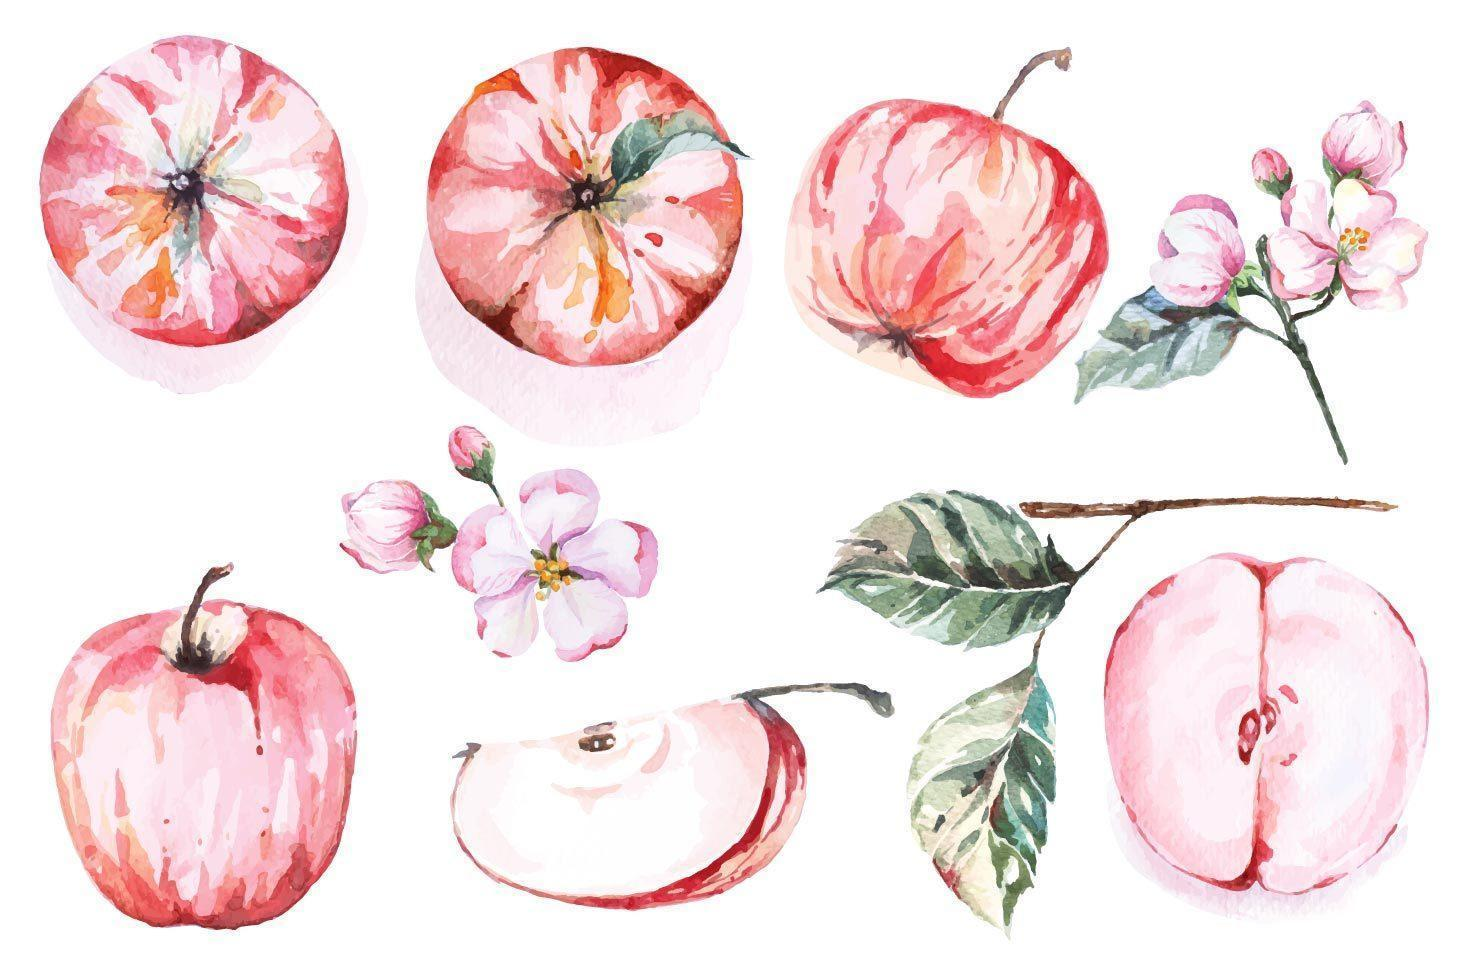 conjunto de maçã vermelha desenhada à mão em aquarela vetor